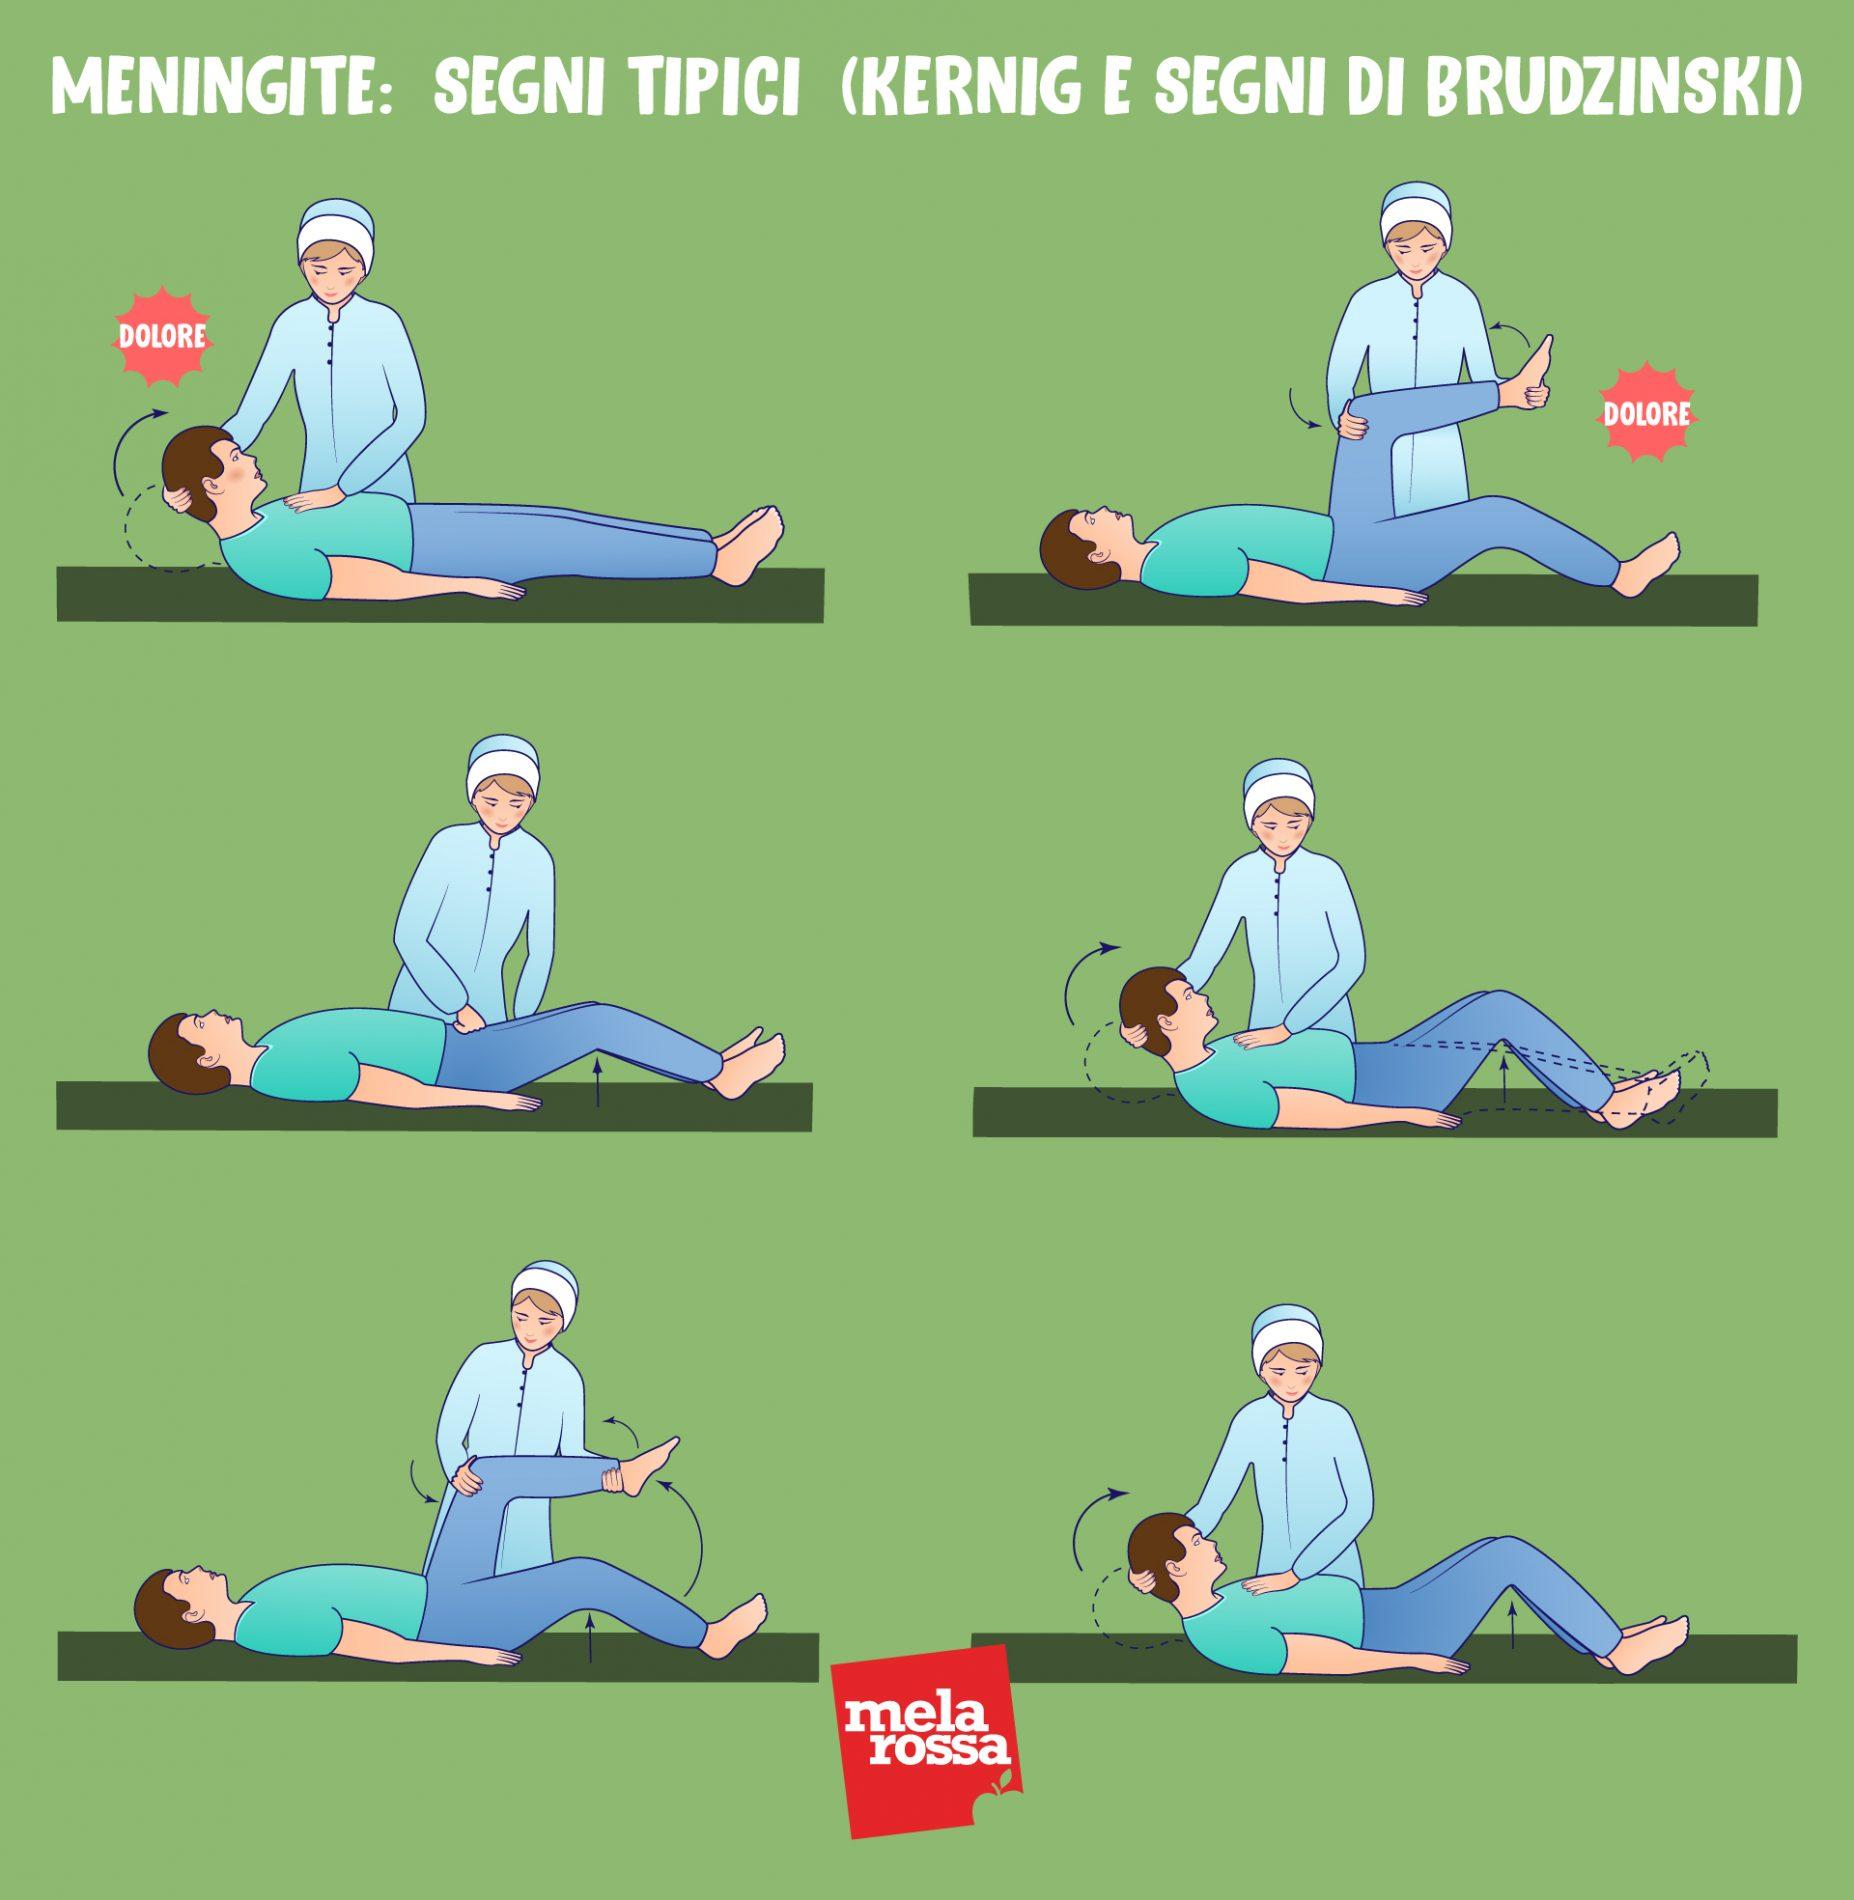 meningite: segni tipici della malattia